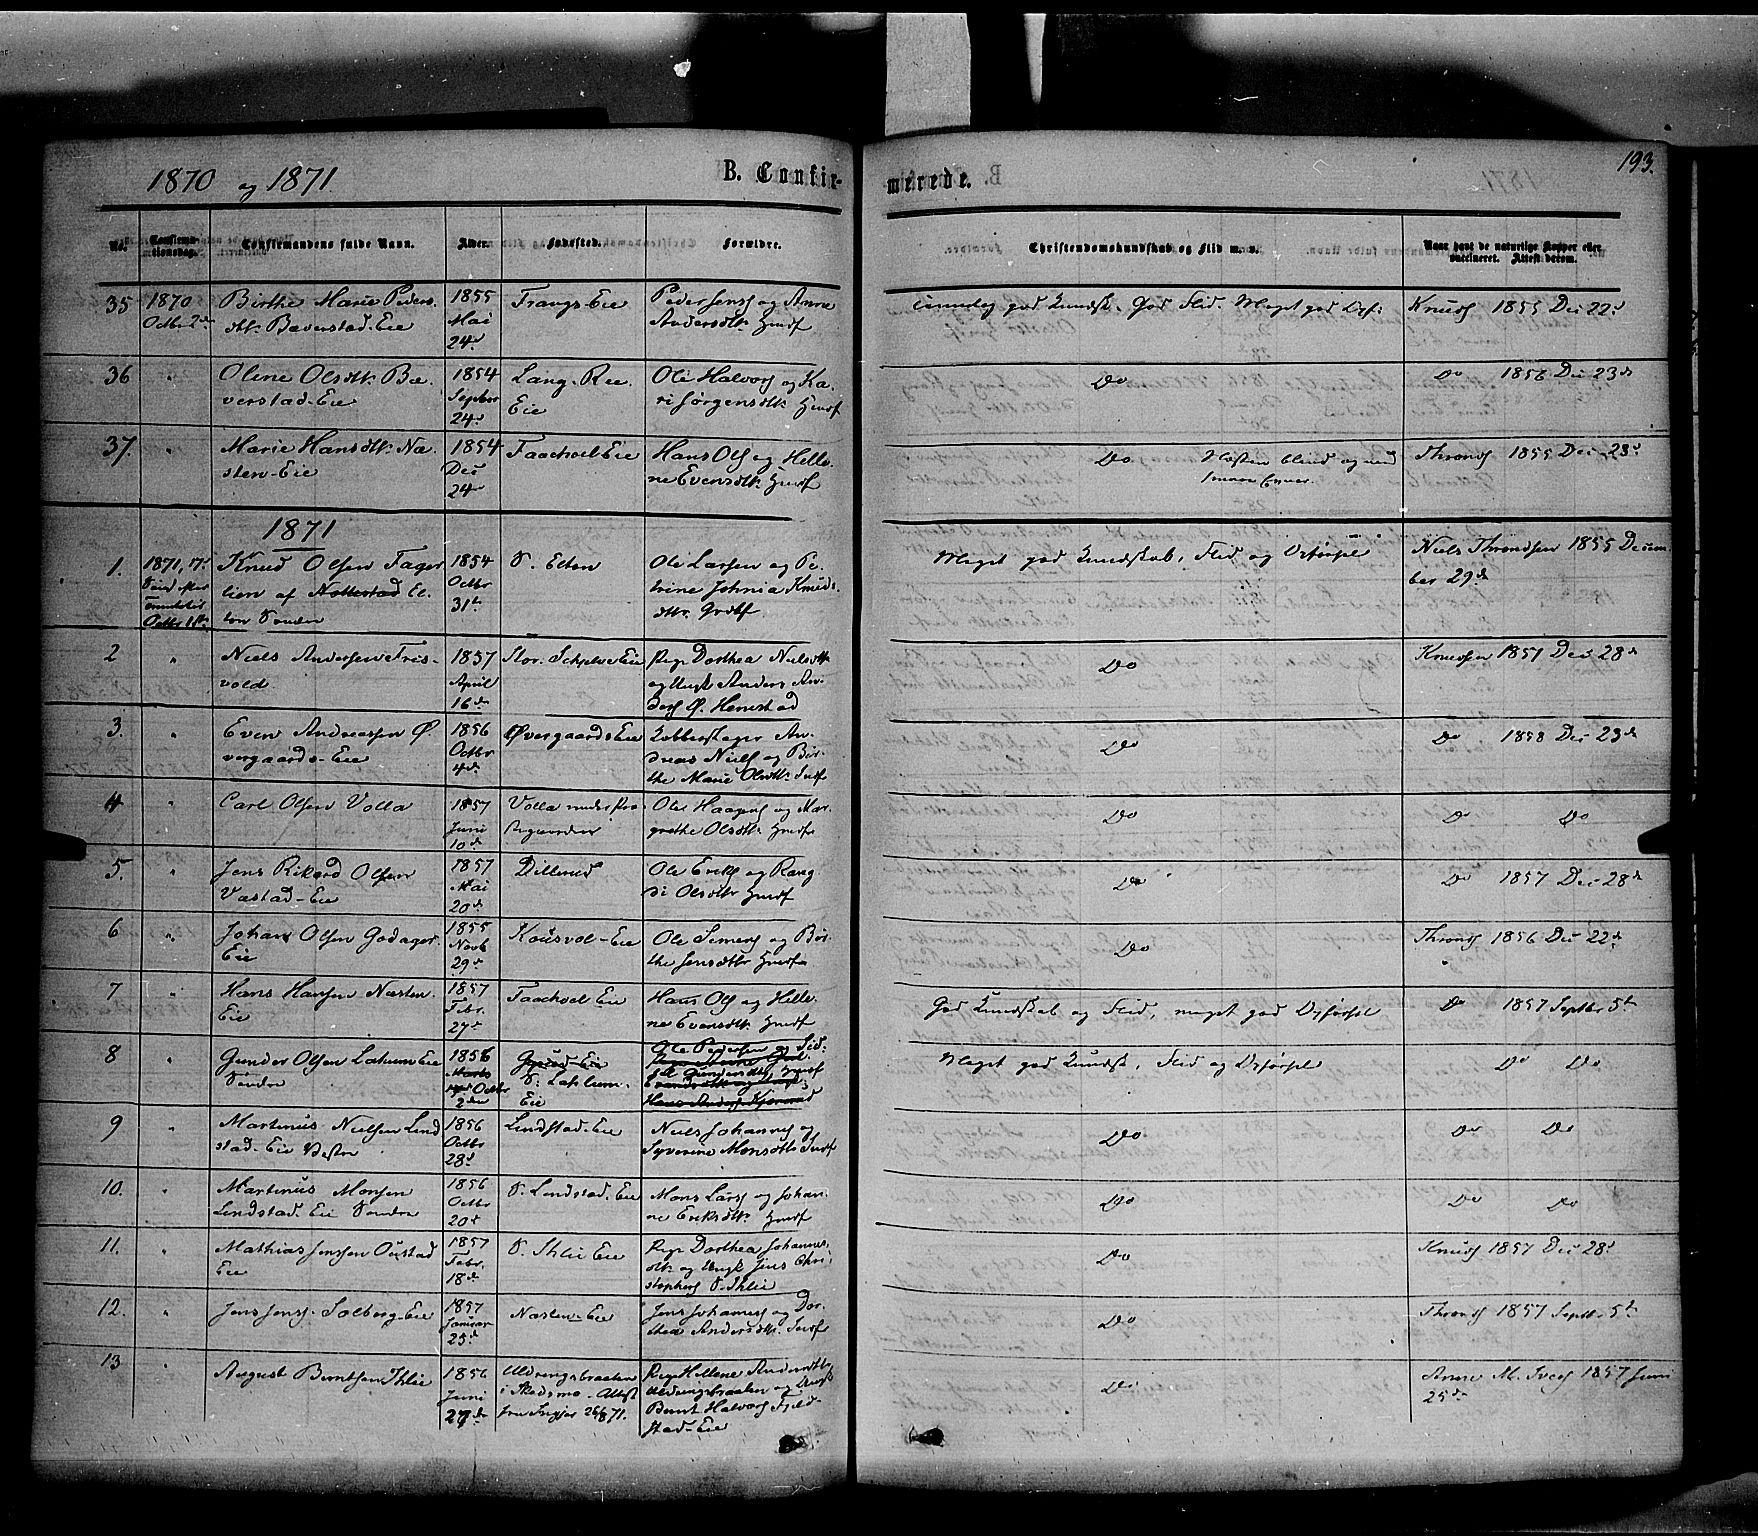 SAH, Stange prestekontor, K/L0013: Parish register (official) no. 13, 1862-1879, p. 193